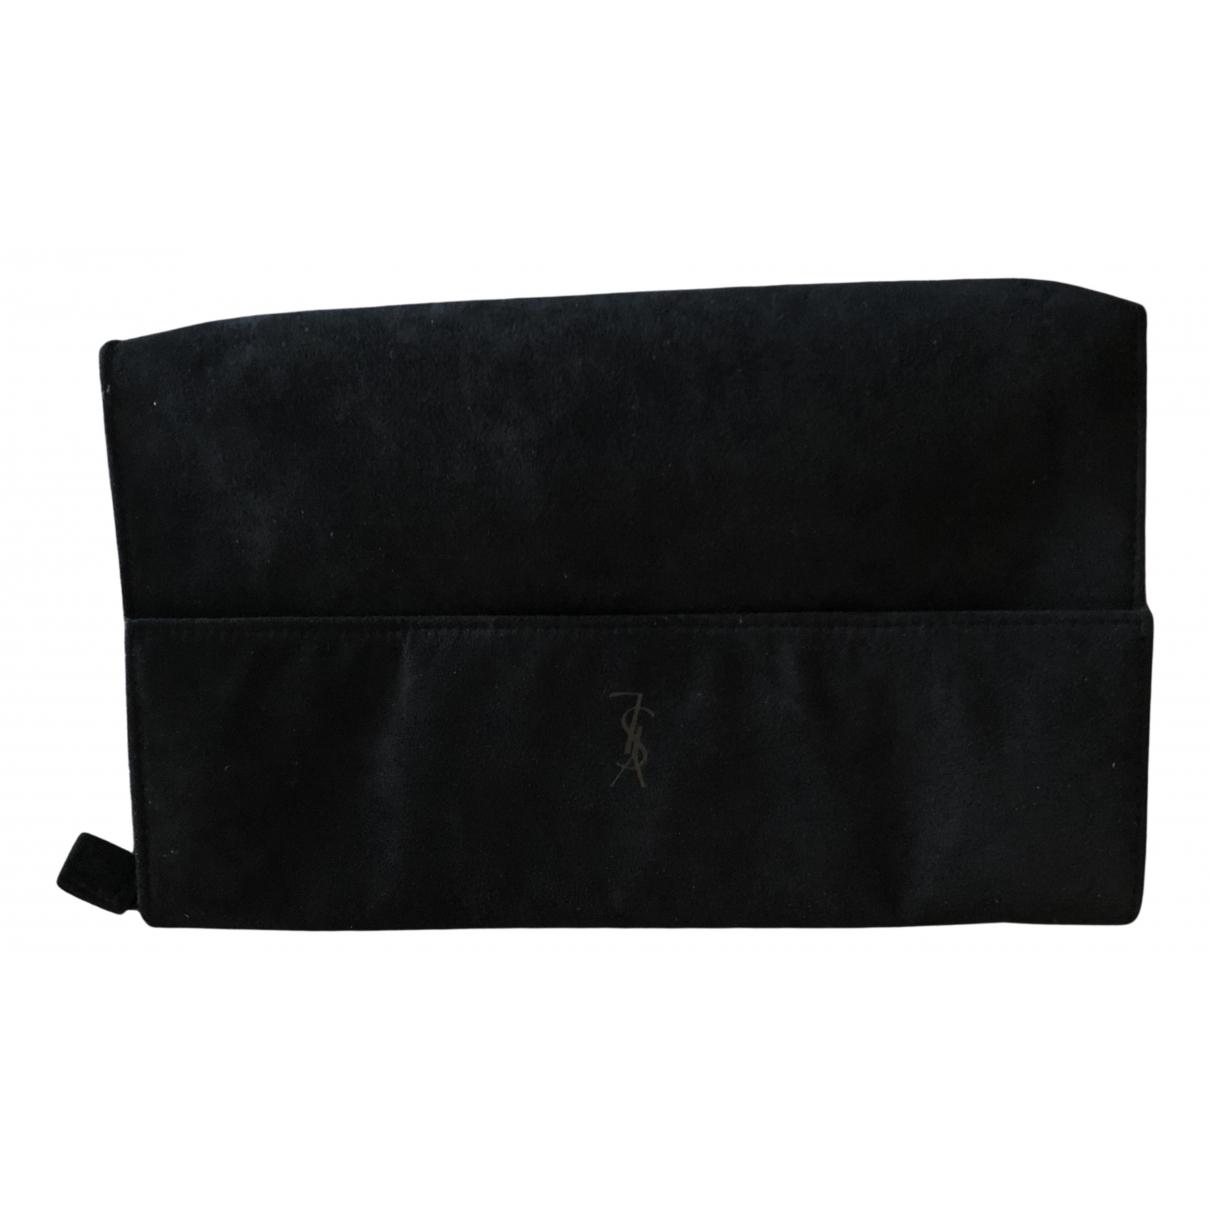 Yves Saint Laurent - Sac de voyage   pour femme en suede - noir